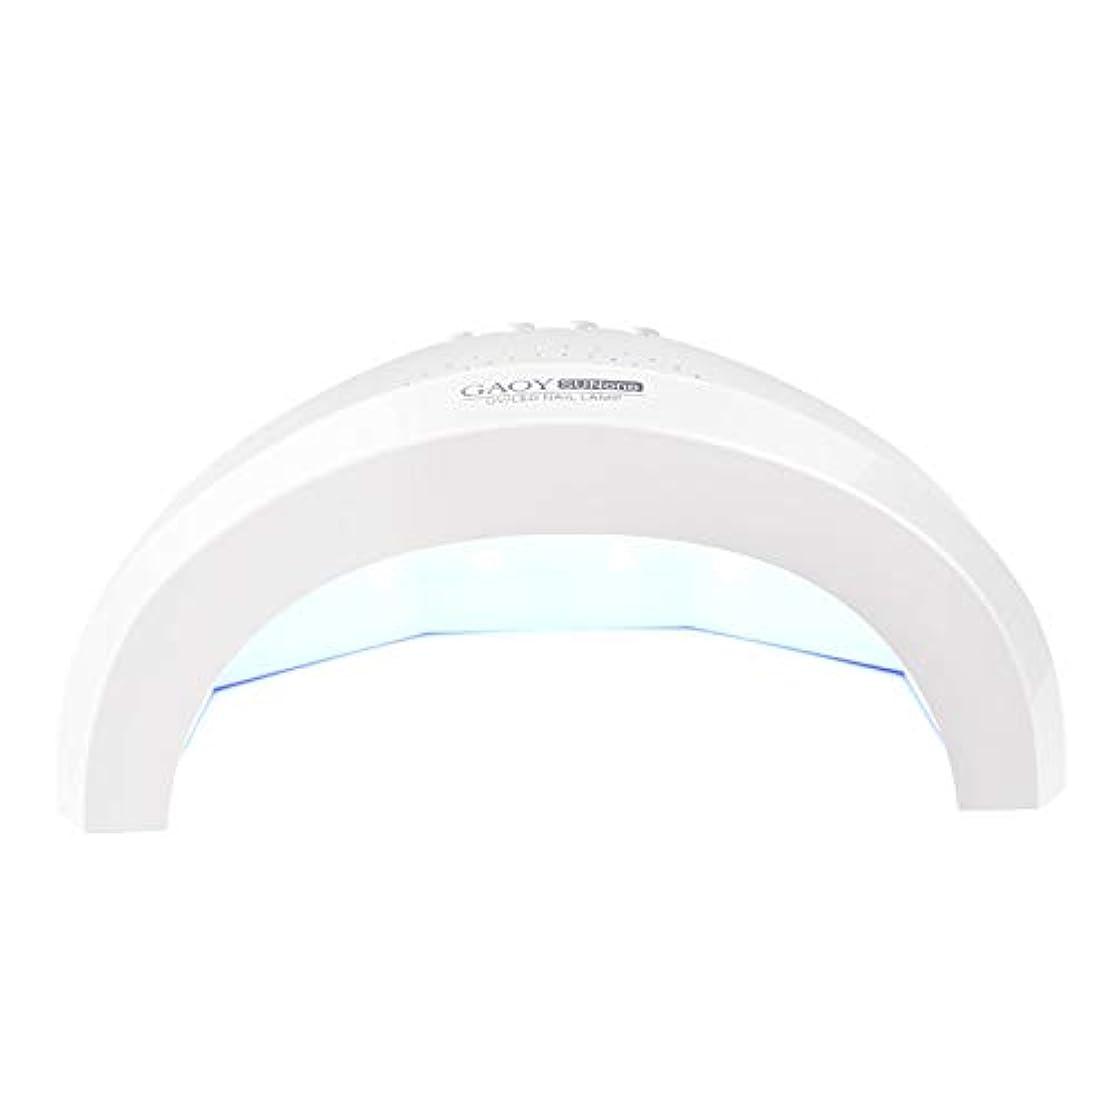 拾うボイドミュートUVネイルジェルネイルライト/ 48Wネイルドライヤー光硬化ランプ付き30ビーズ/タイマー設定/センサー用LED UVジェルネイルポリッシュ